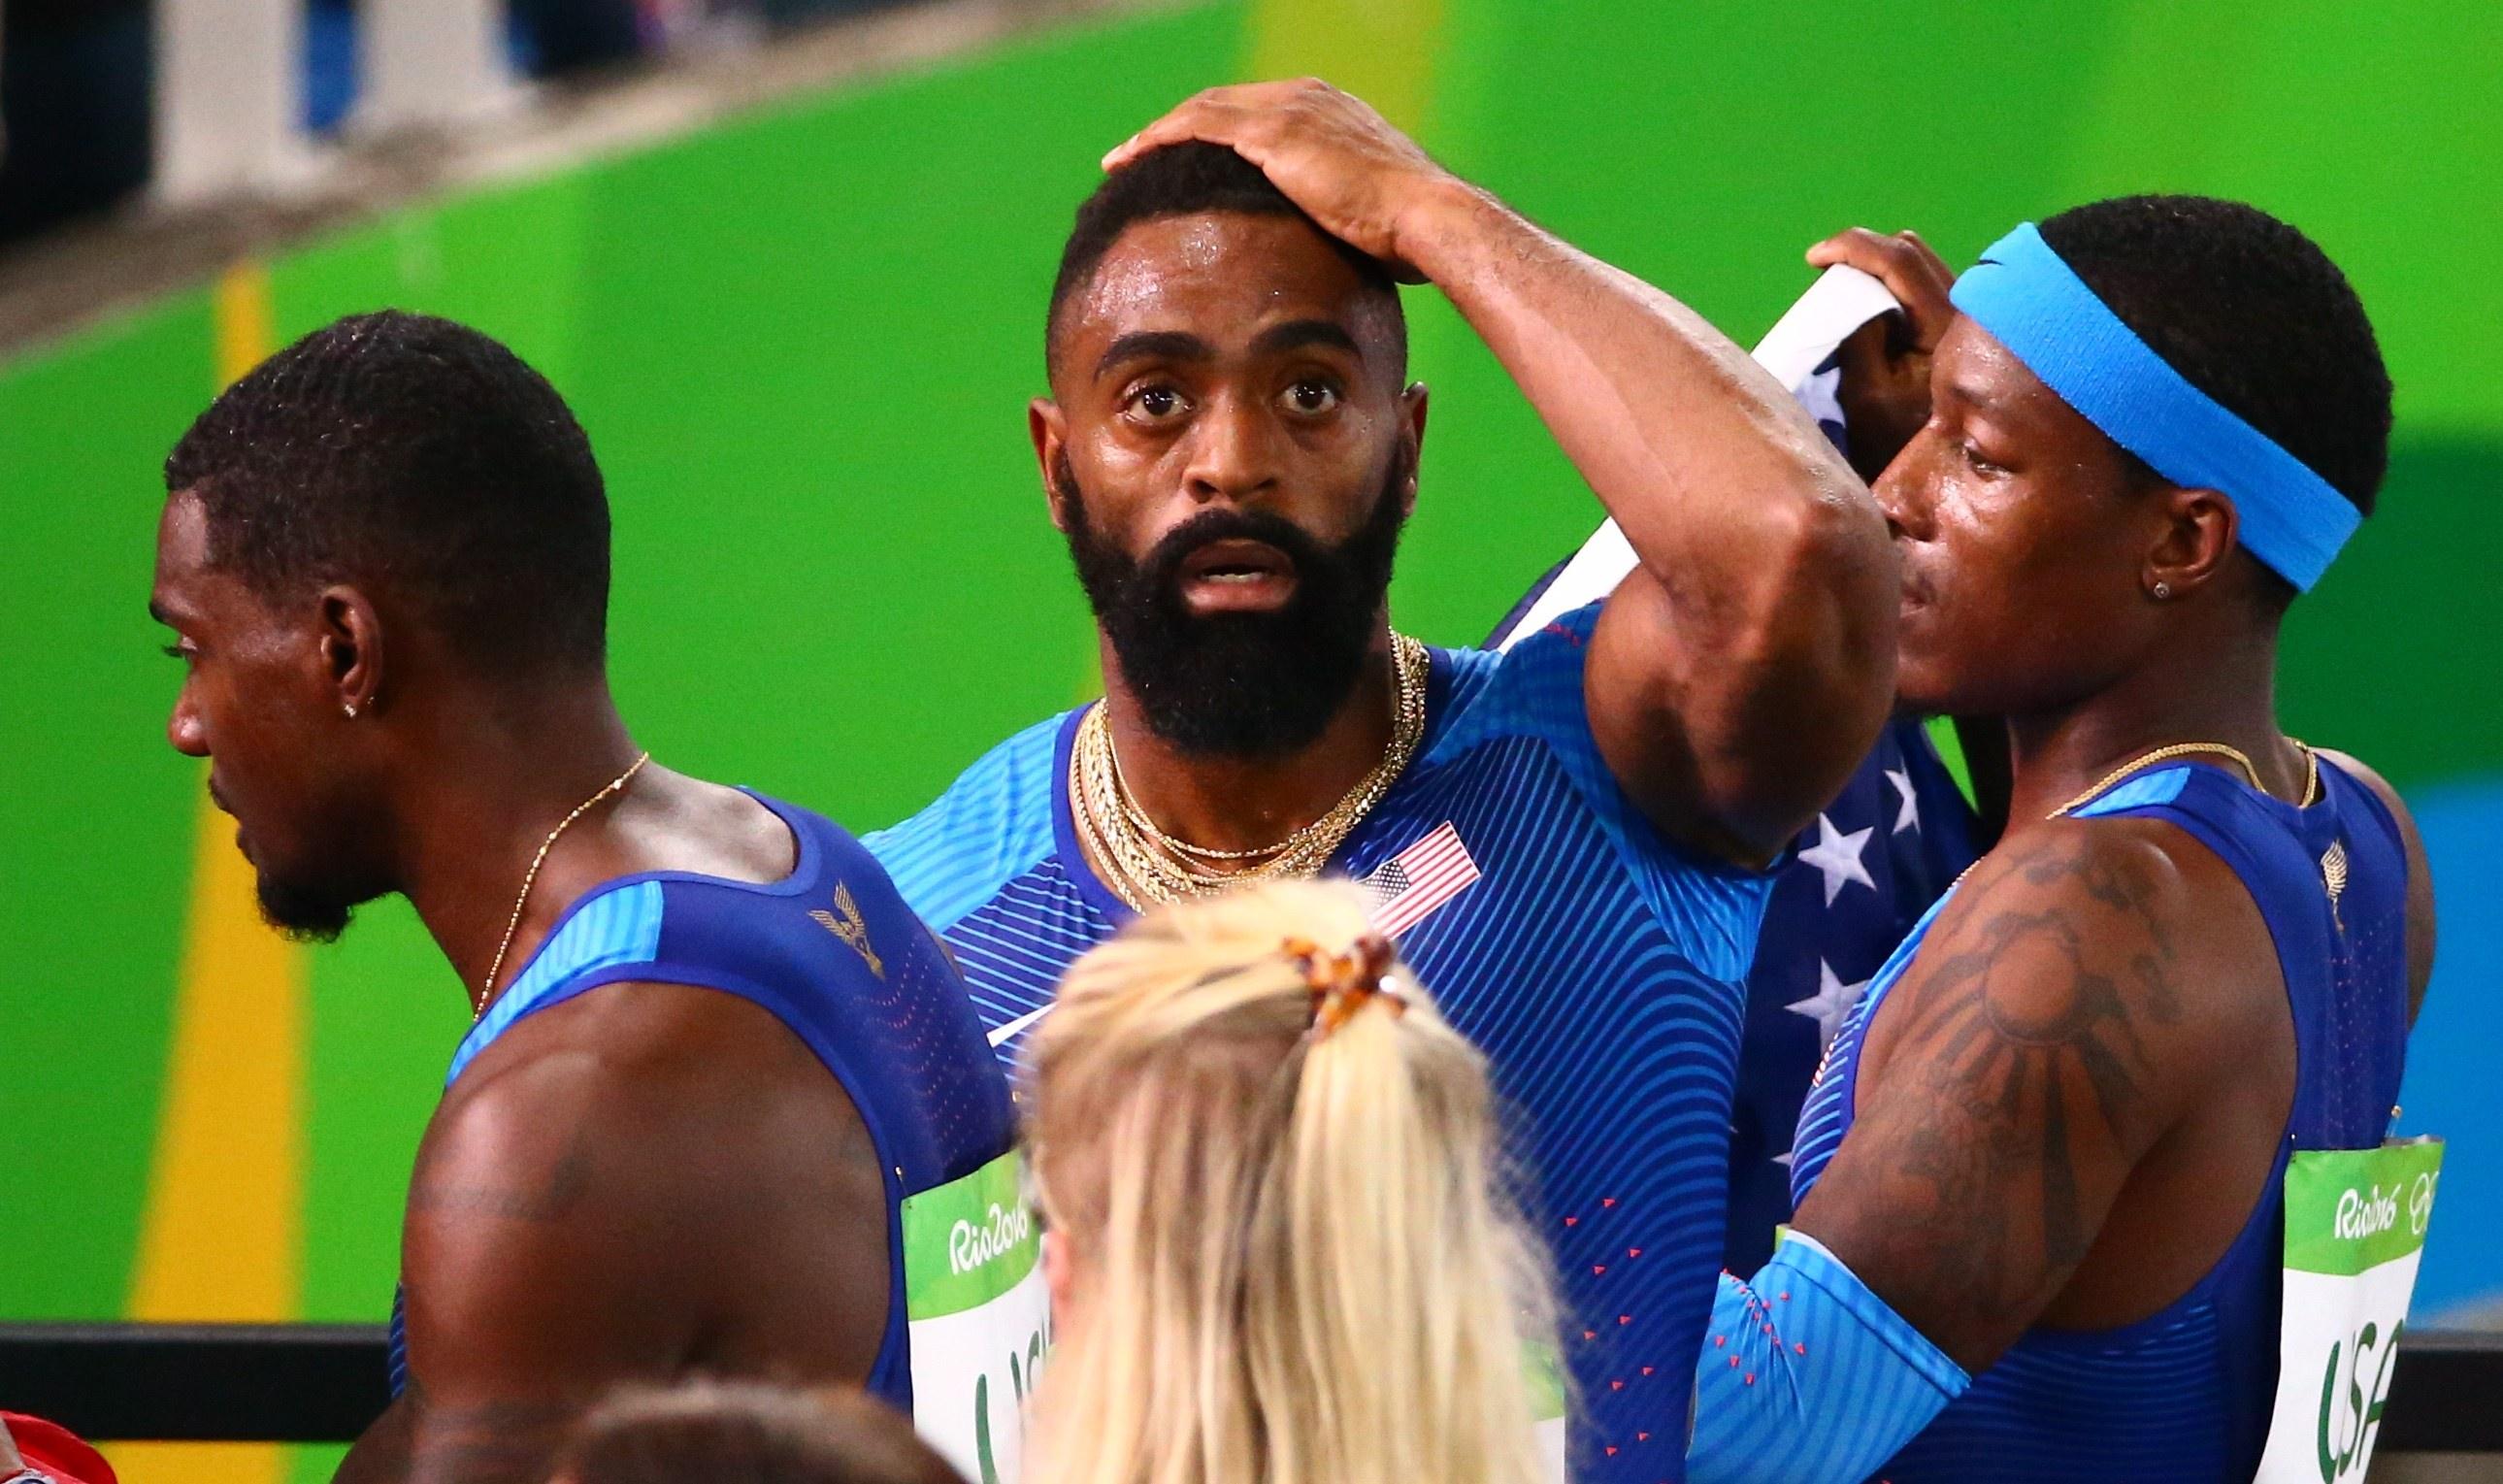 Athlétisme - La fille du sprinter Tyson Gay décède lors d'une fusillade